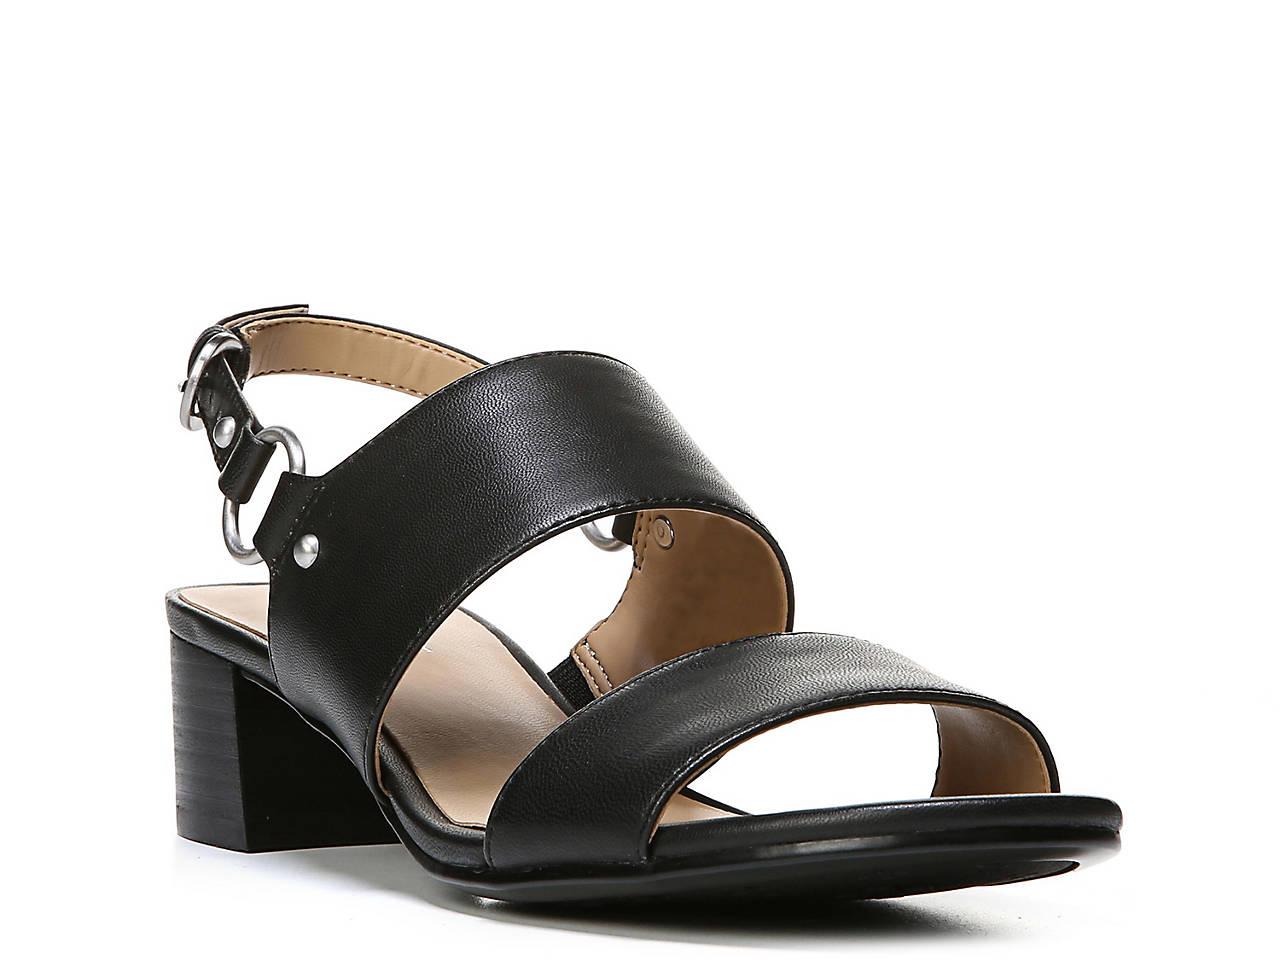 bcca457b7a35 Naturalizer Aubree Sandal Women s Shoes